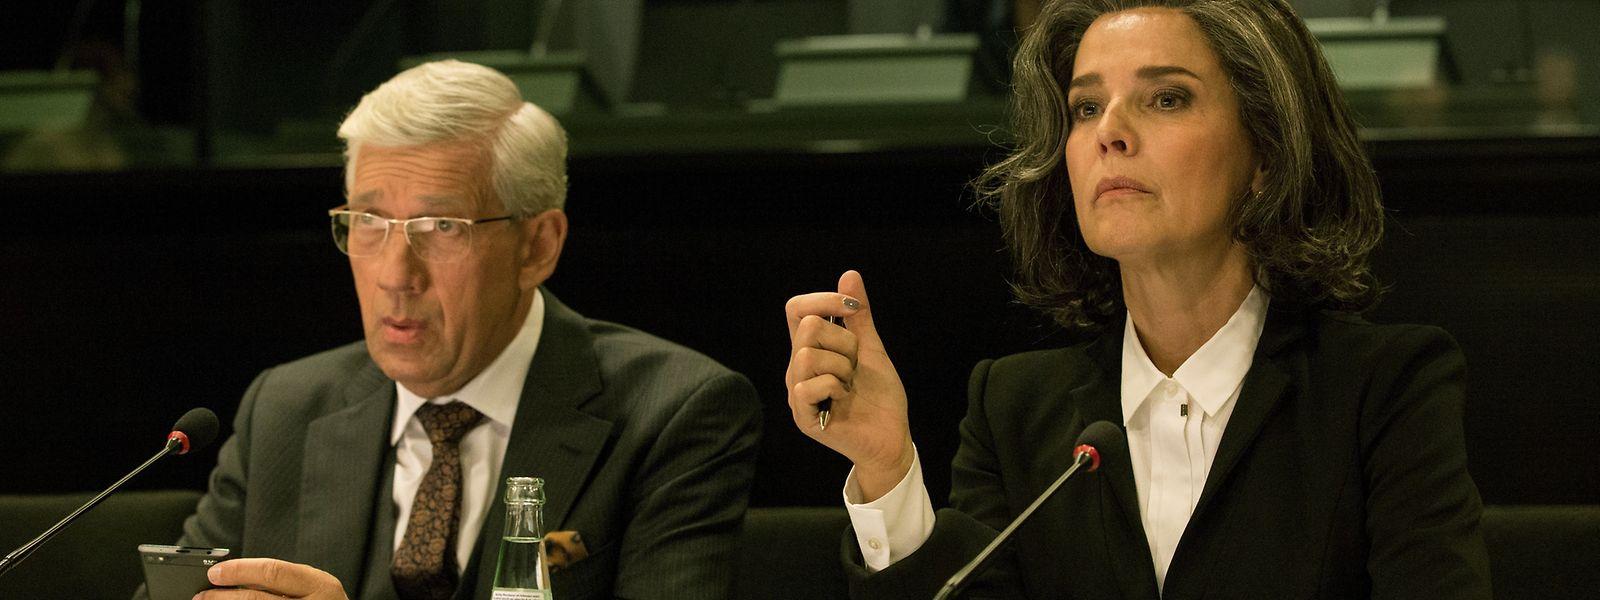 Christelle Leblanc (Désirée Nosbusch) will endlich an die Macht. Und Ties Jacoby (Germain Wagner) soll ihr dabei helfen.